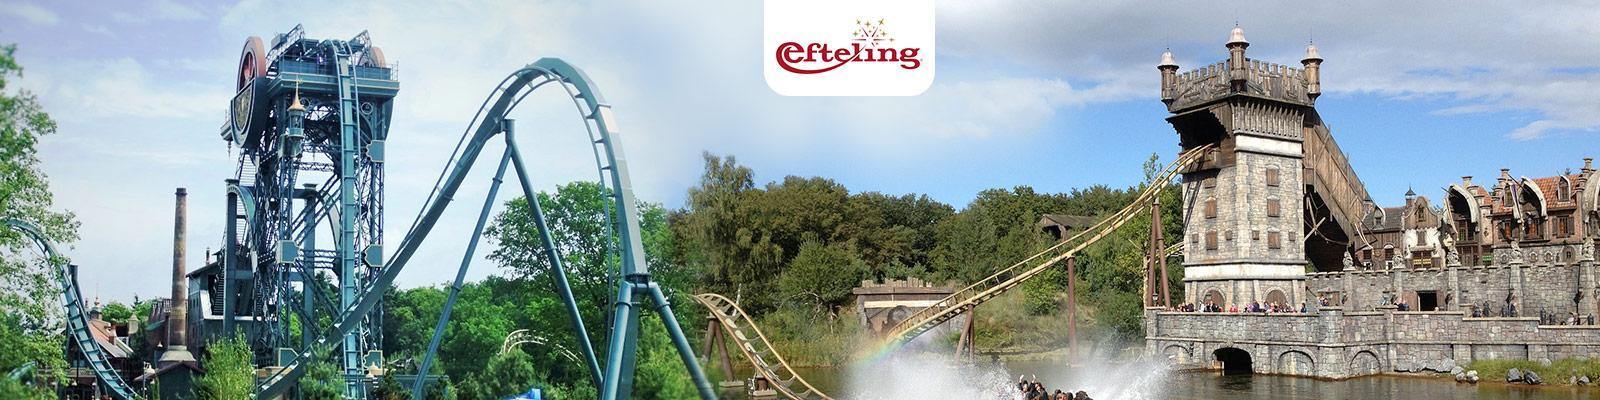 Efteling logo banner